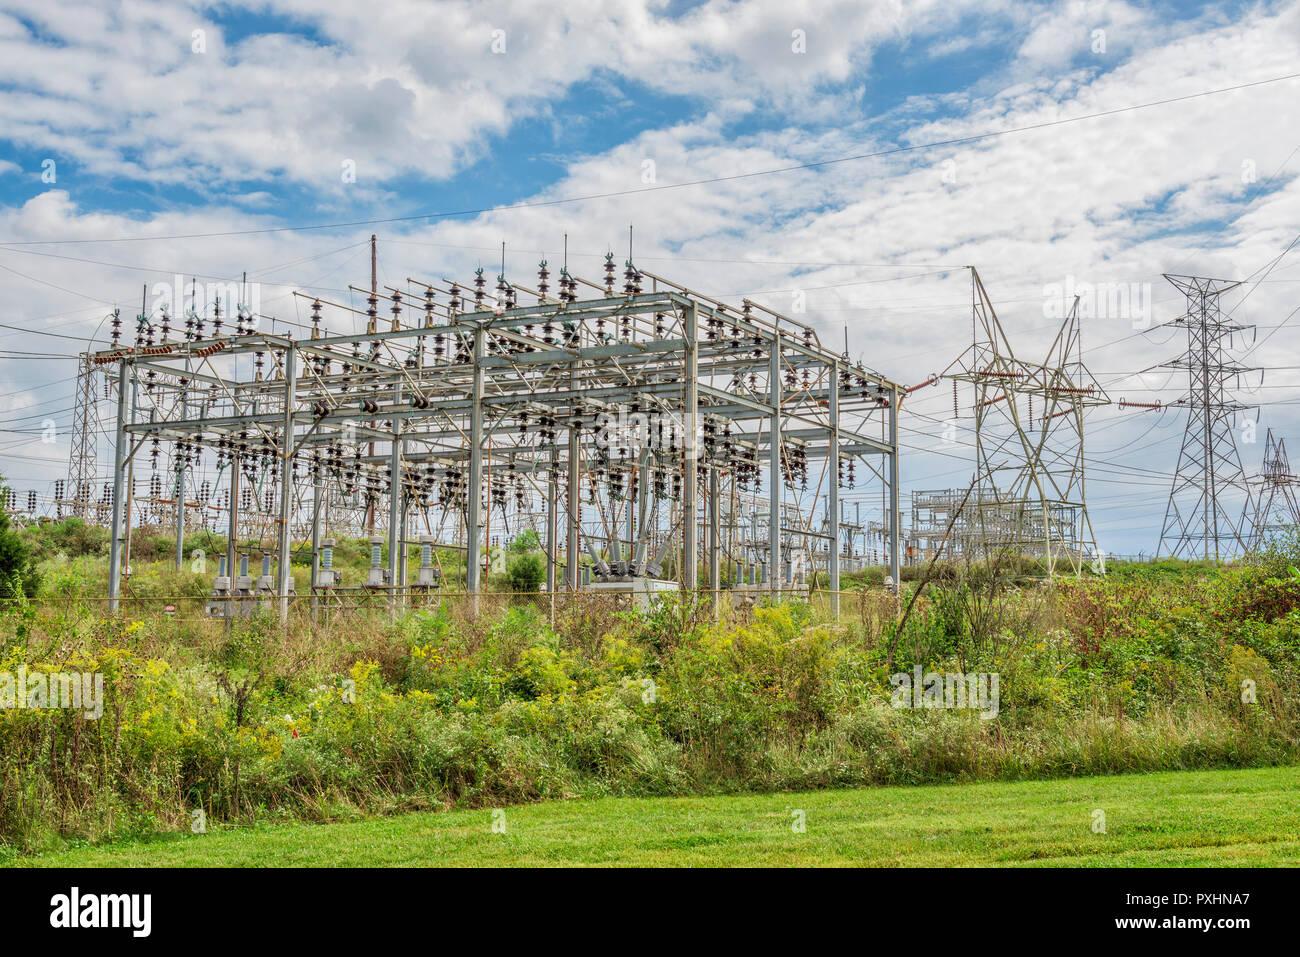 Horizontale geschossen von einem elektrischen Stromnetz Station bei bewölktem Himmel. Stockbild